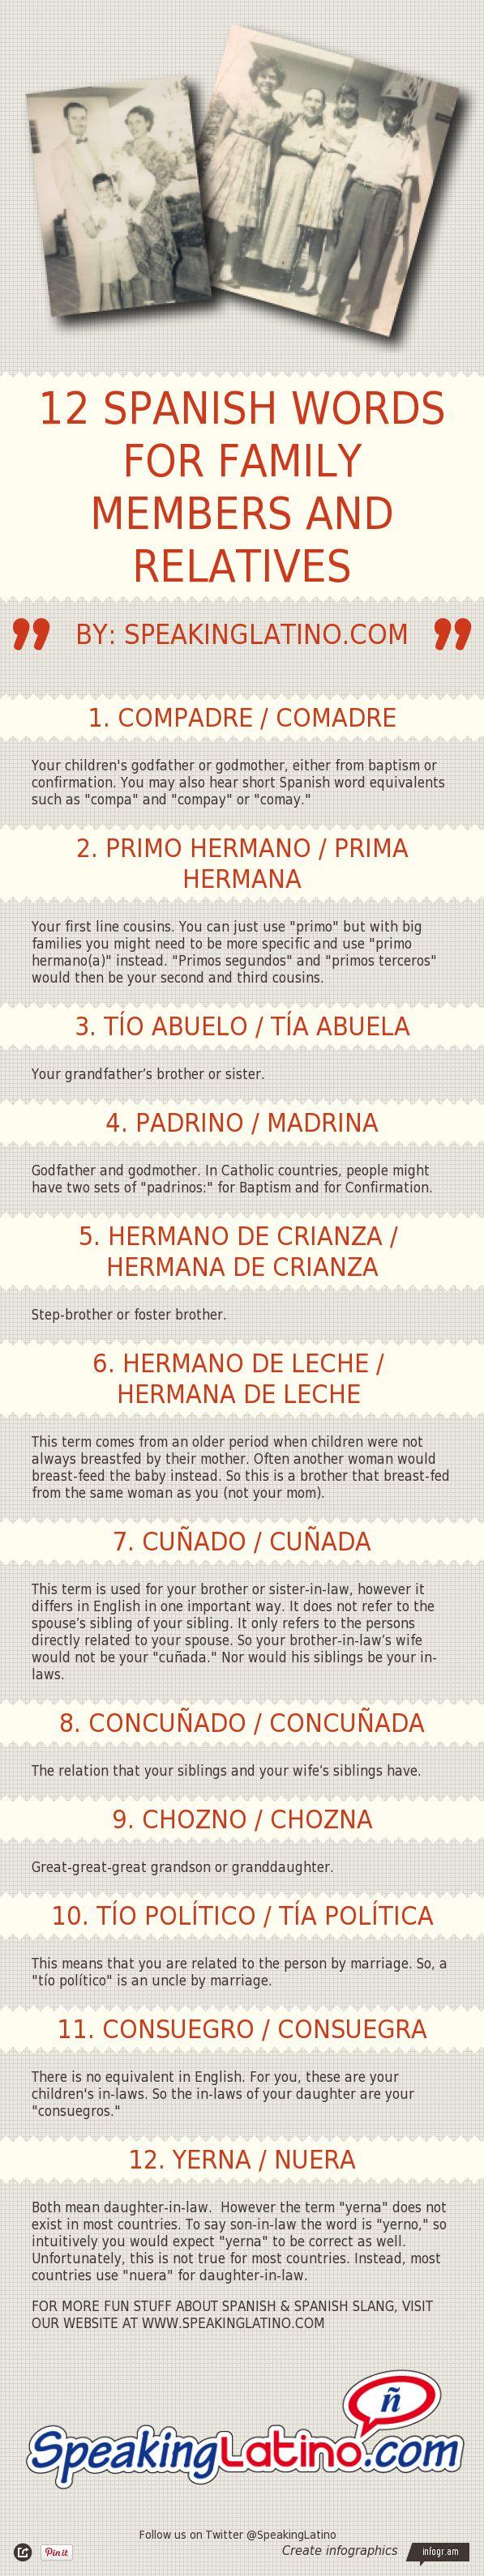 """Spanish vocabulary: Family members in Spanish. #Family in Spanish http://www.speakinglatino.com/puerto-rican-family-tree/ Nunca había escuchado la palabra """"yerna"""" y de hecho, no está aceptado por la RAE"""